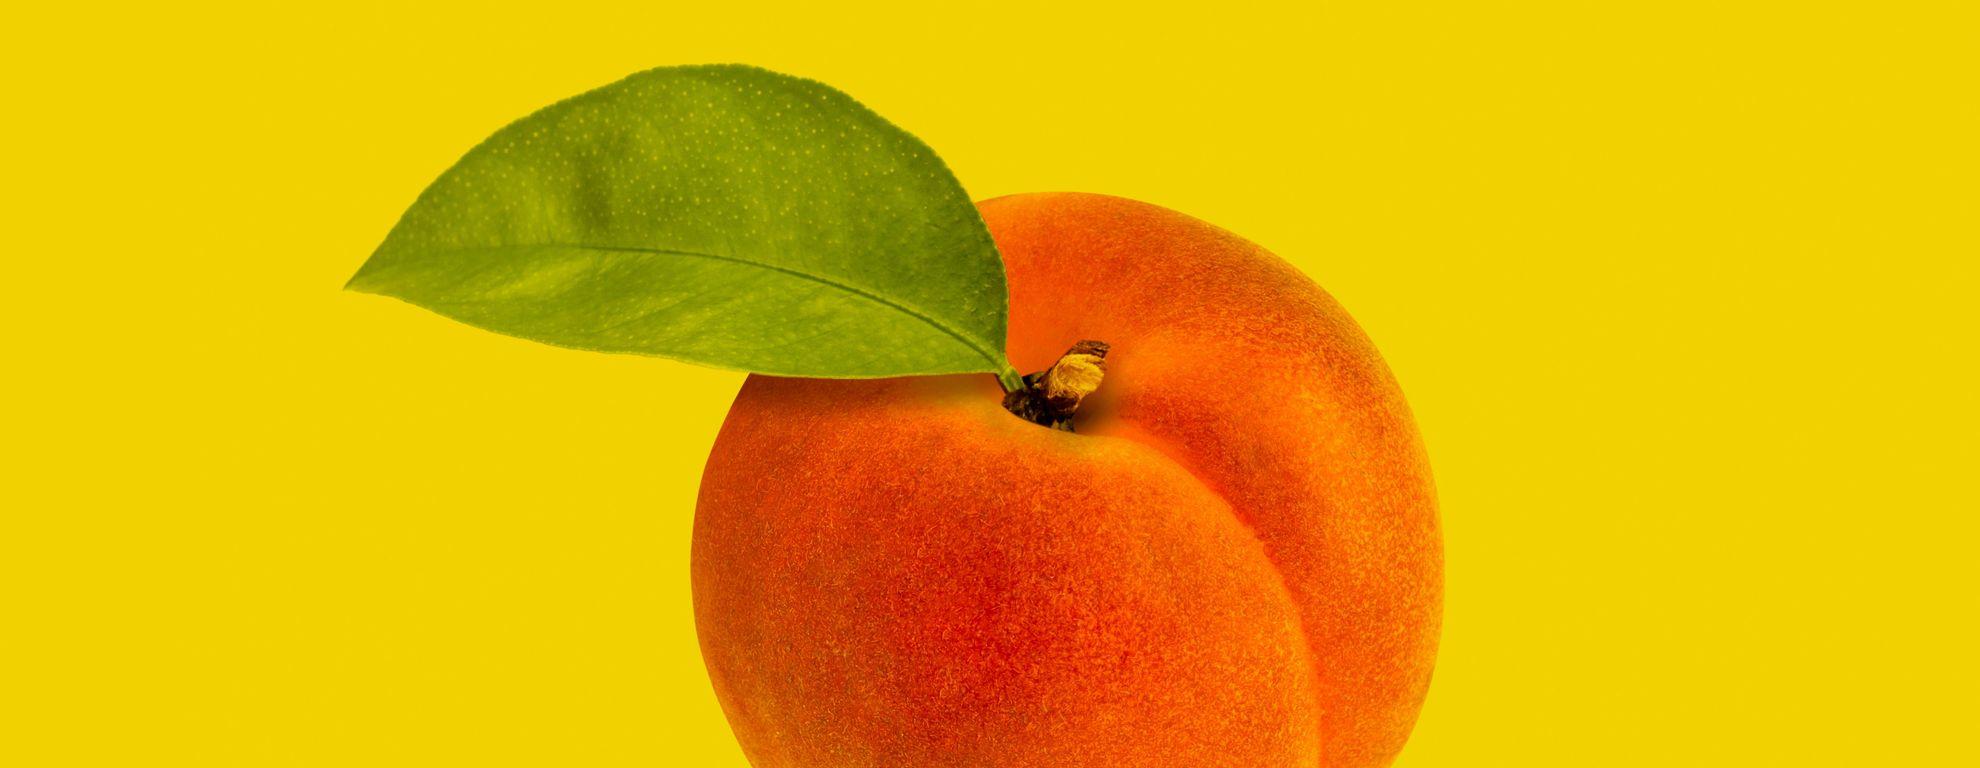 8 beneficios del durazno para la salud - Featured image